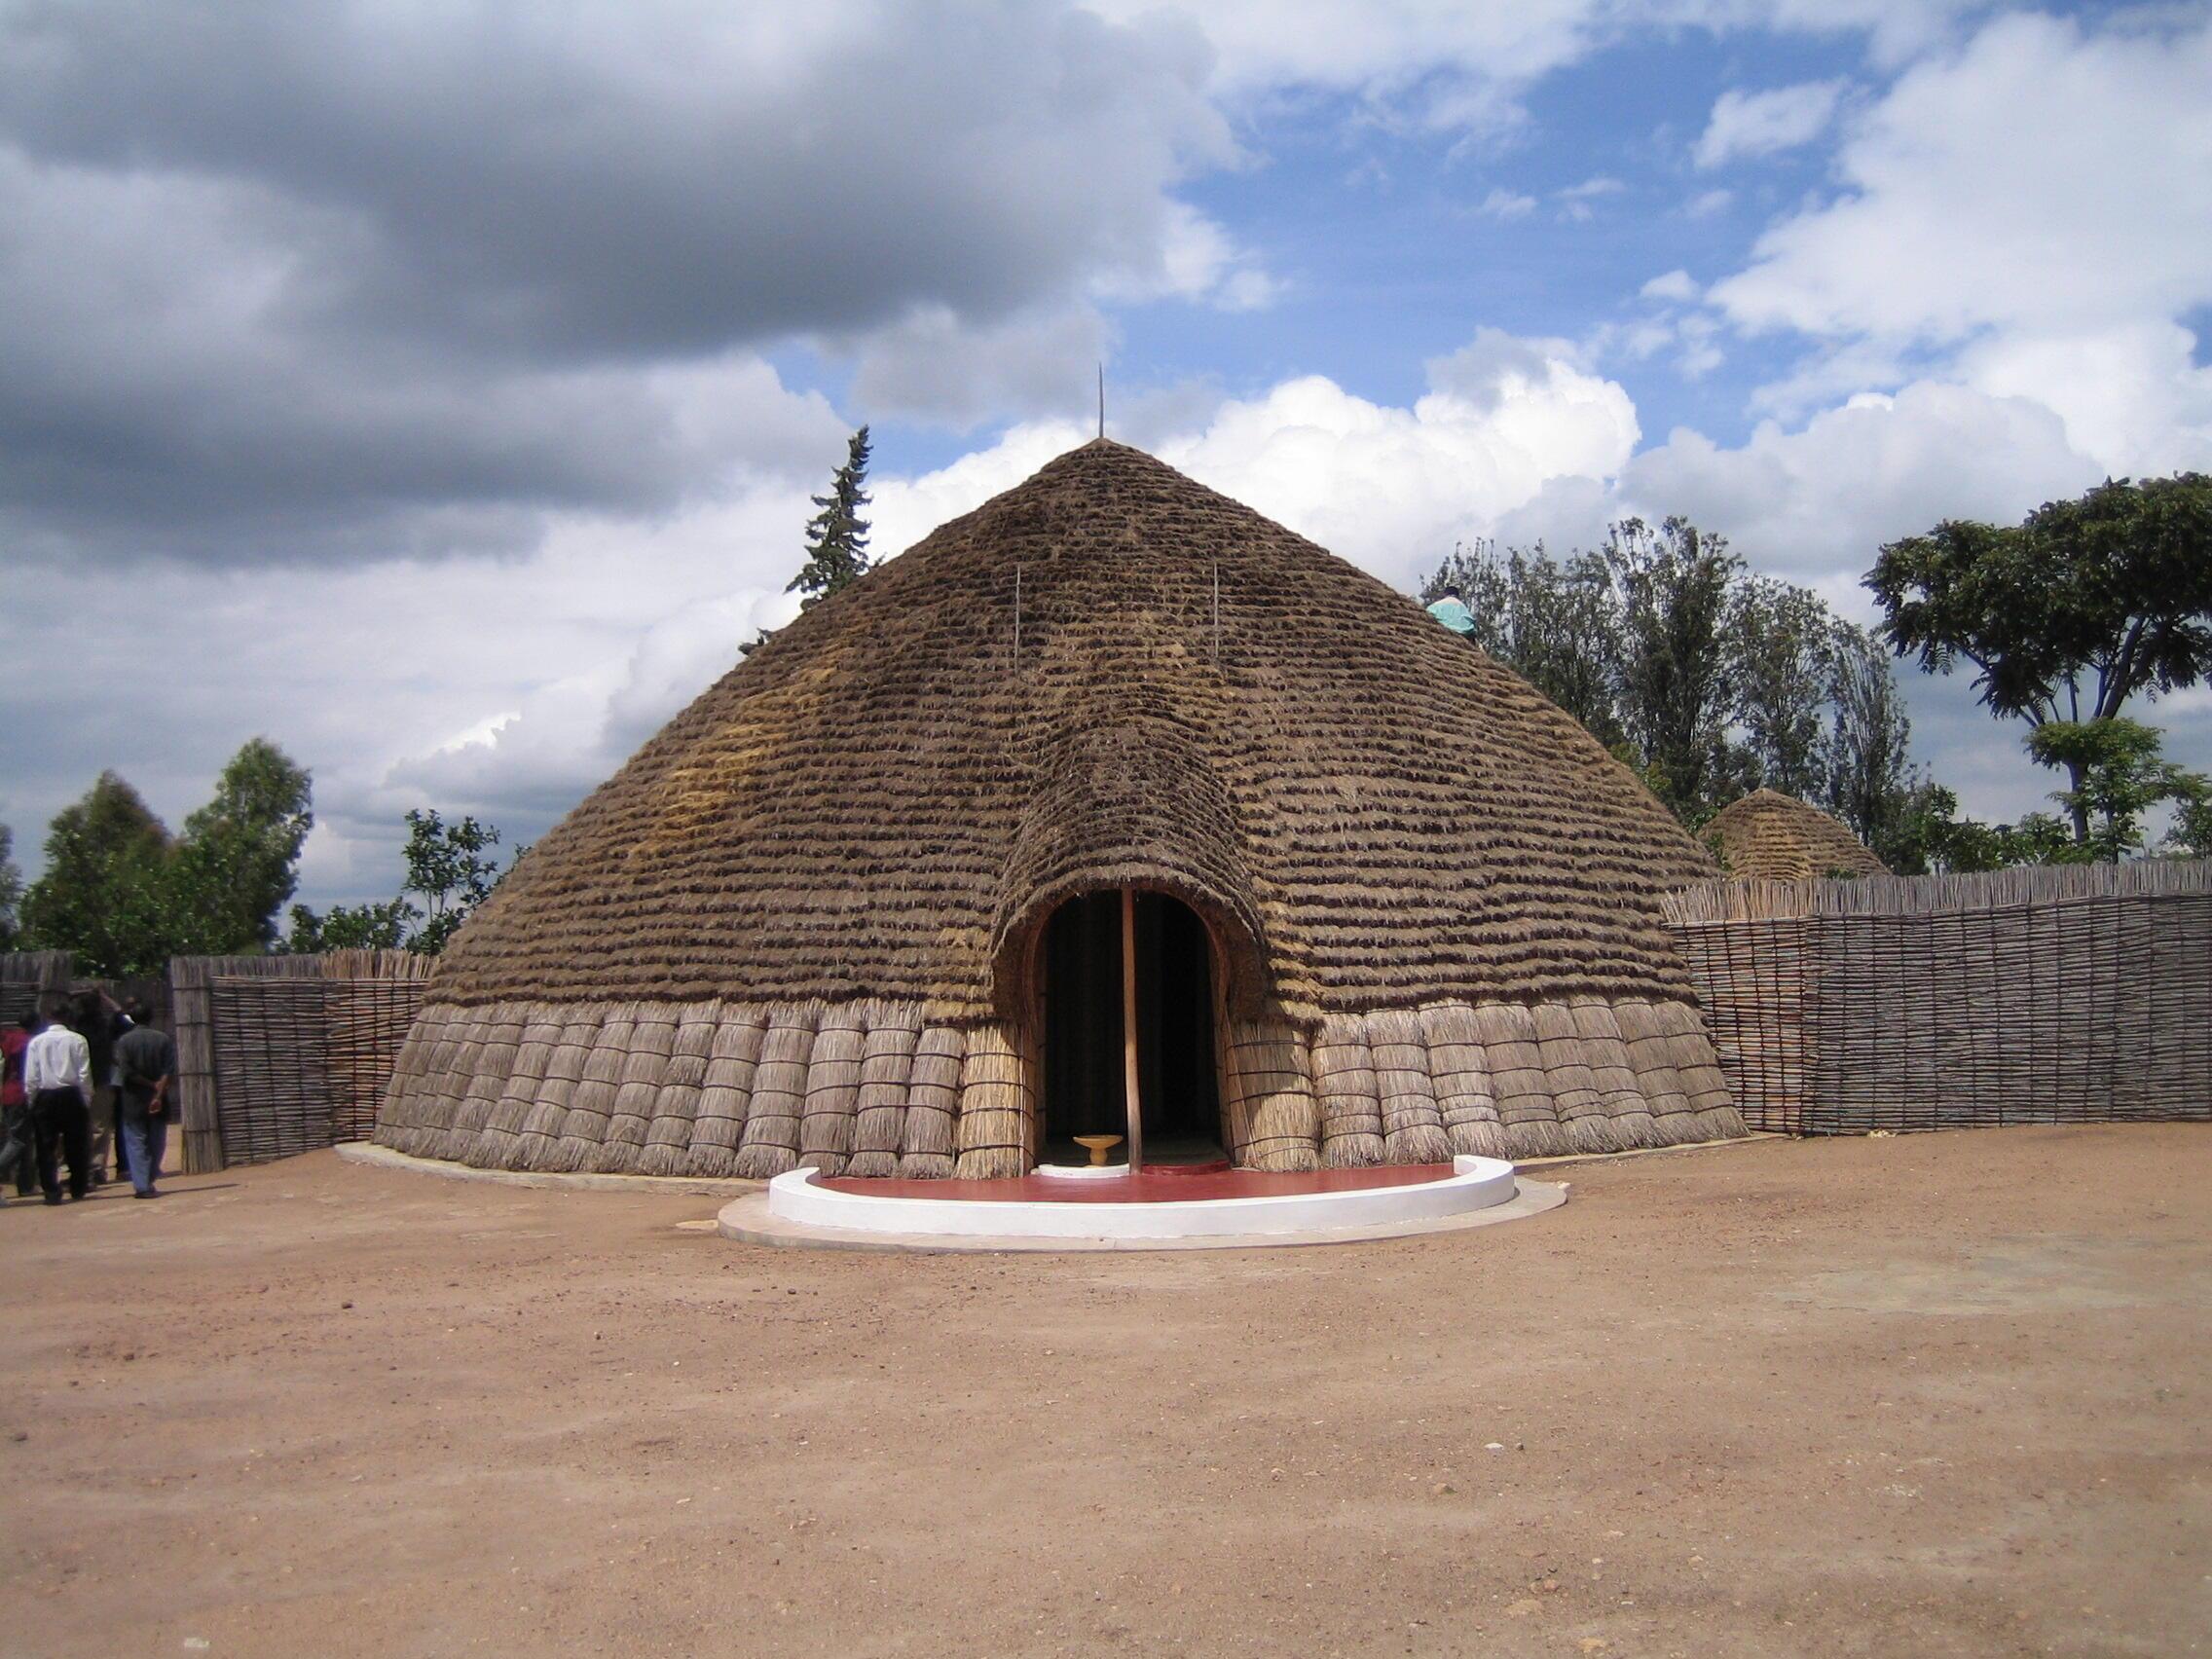 Une reconstruction du palais du Roi traditionnel à Nyanza, au Rwanda.